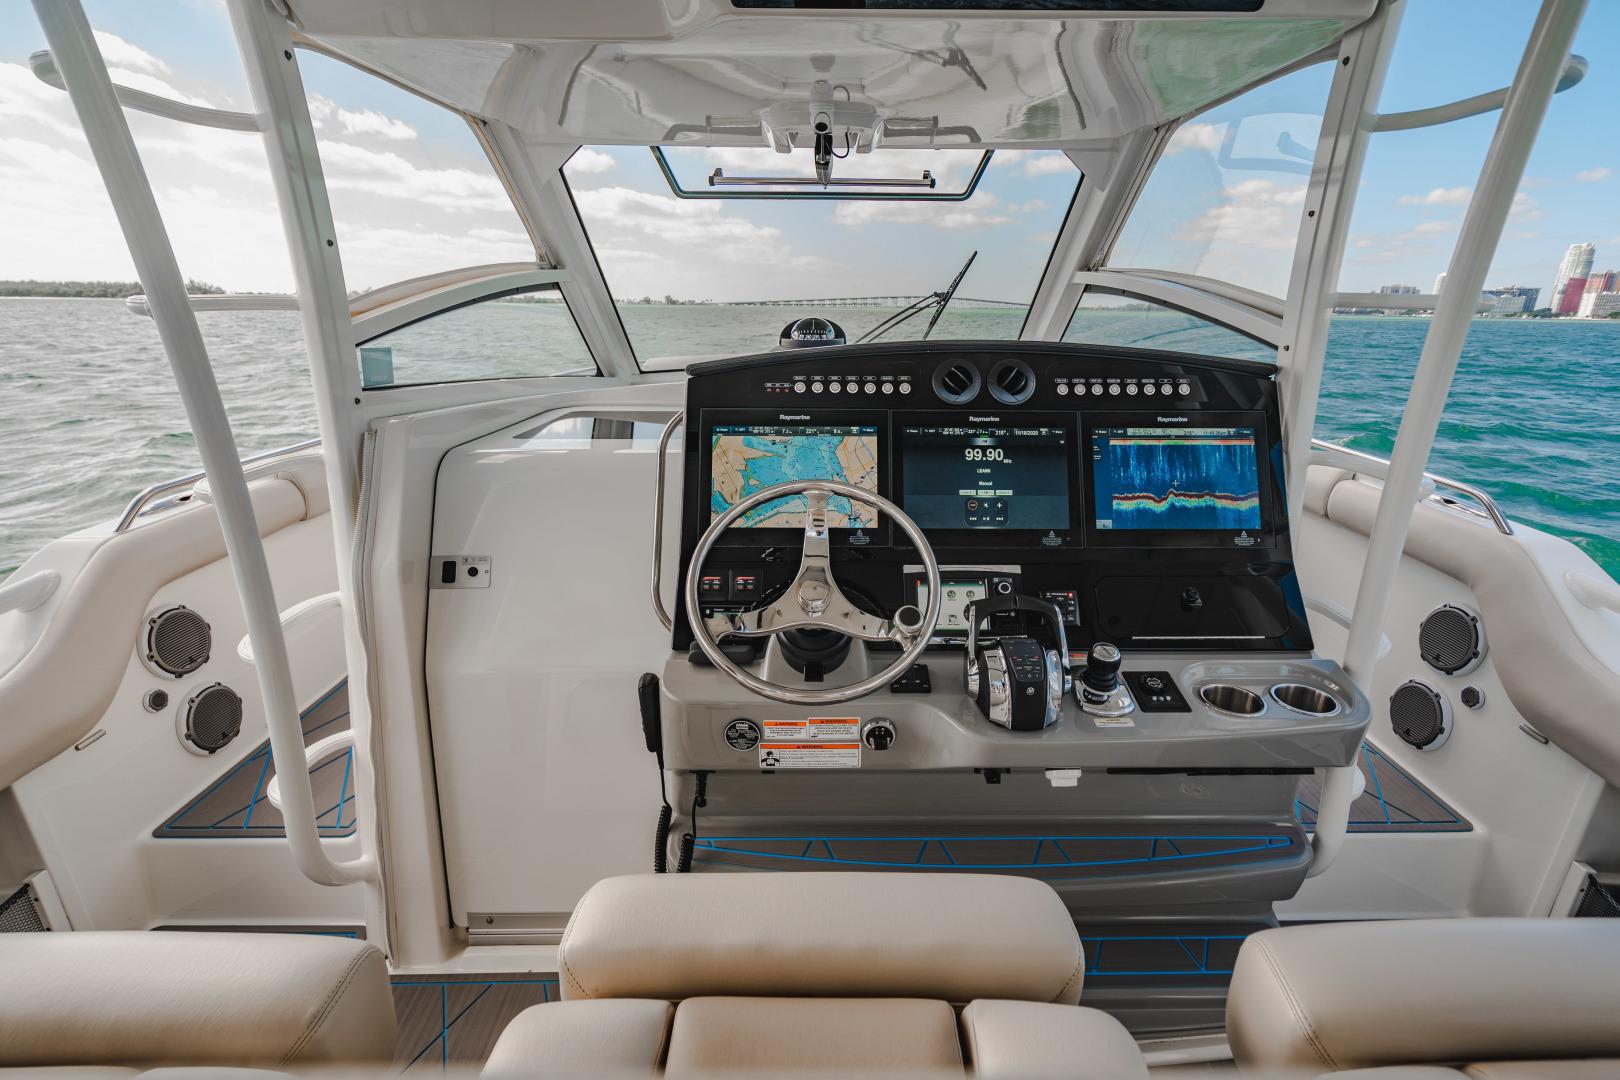 Boston Whaler-Outrage 2016-Sea Duction Miami Beach -Florida-United States-1557387 | Thumbnail